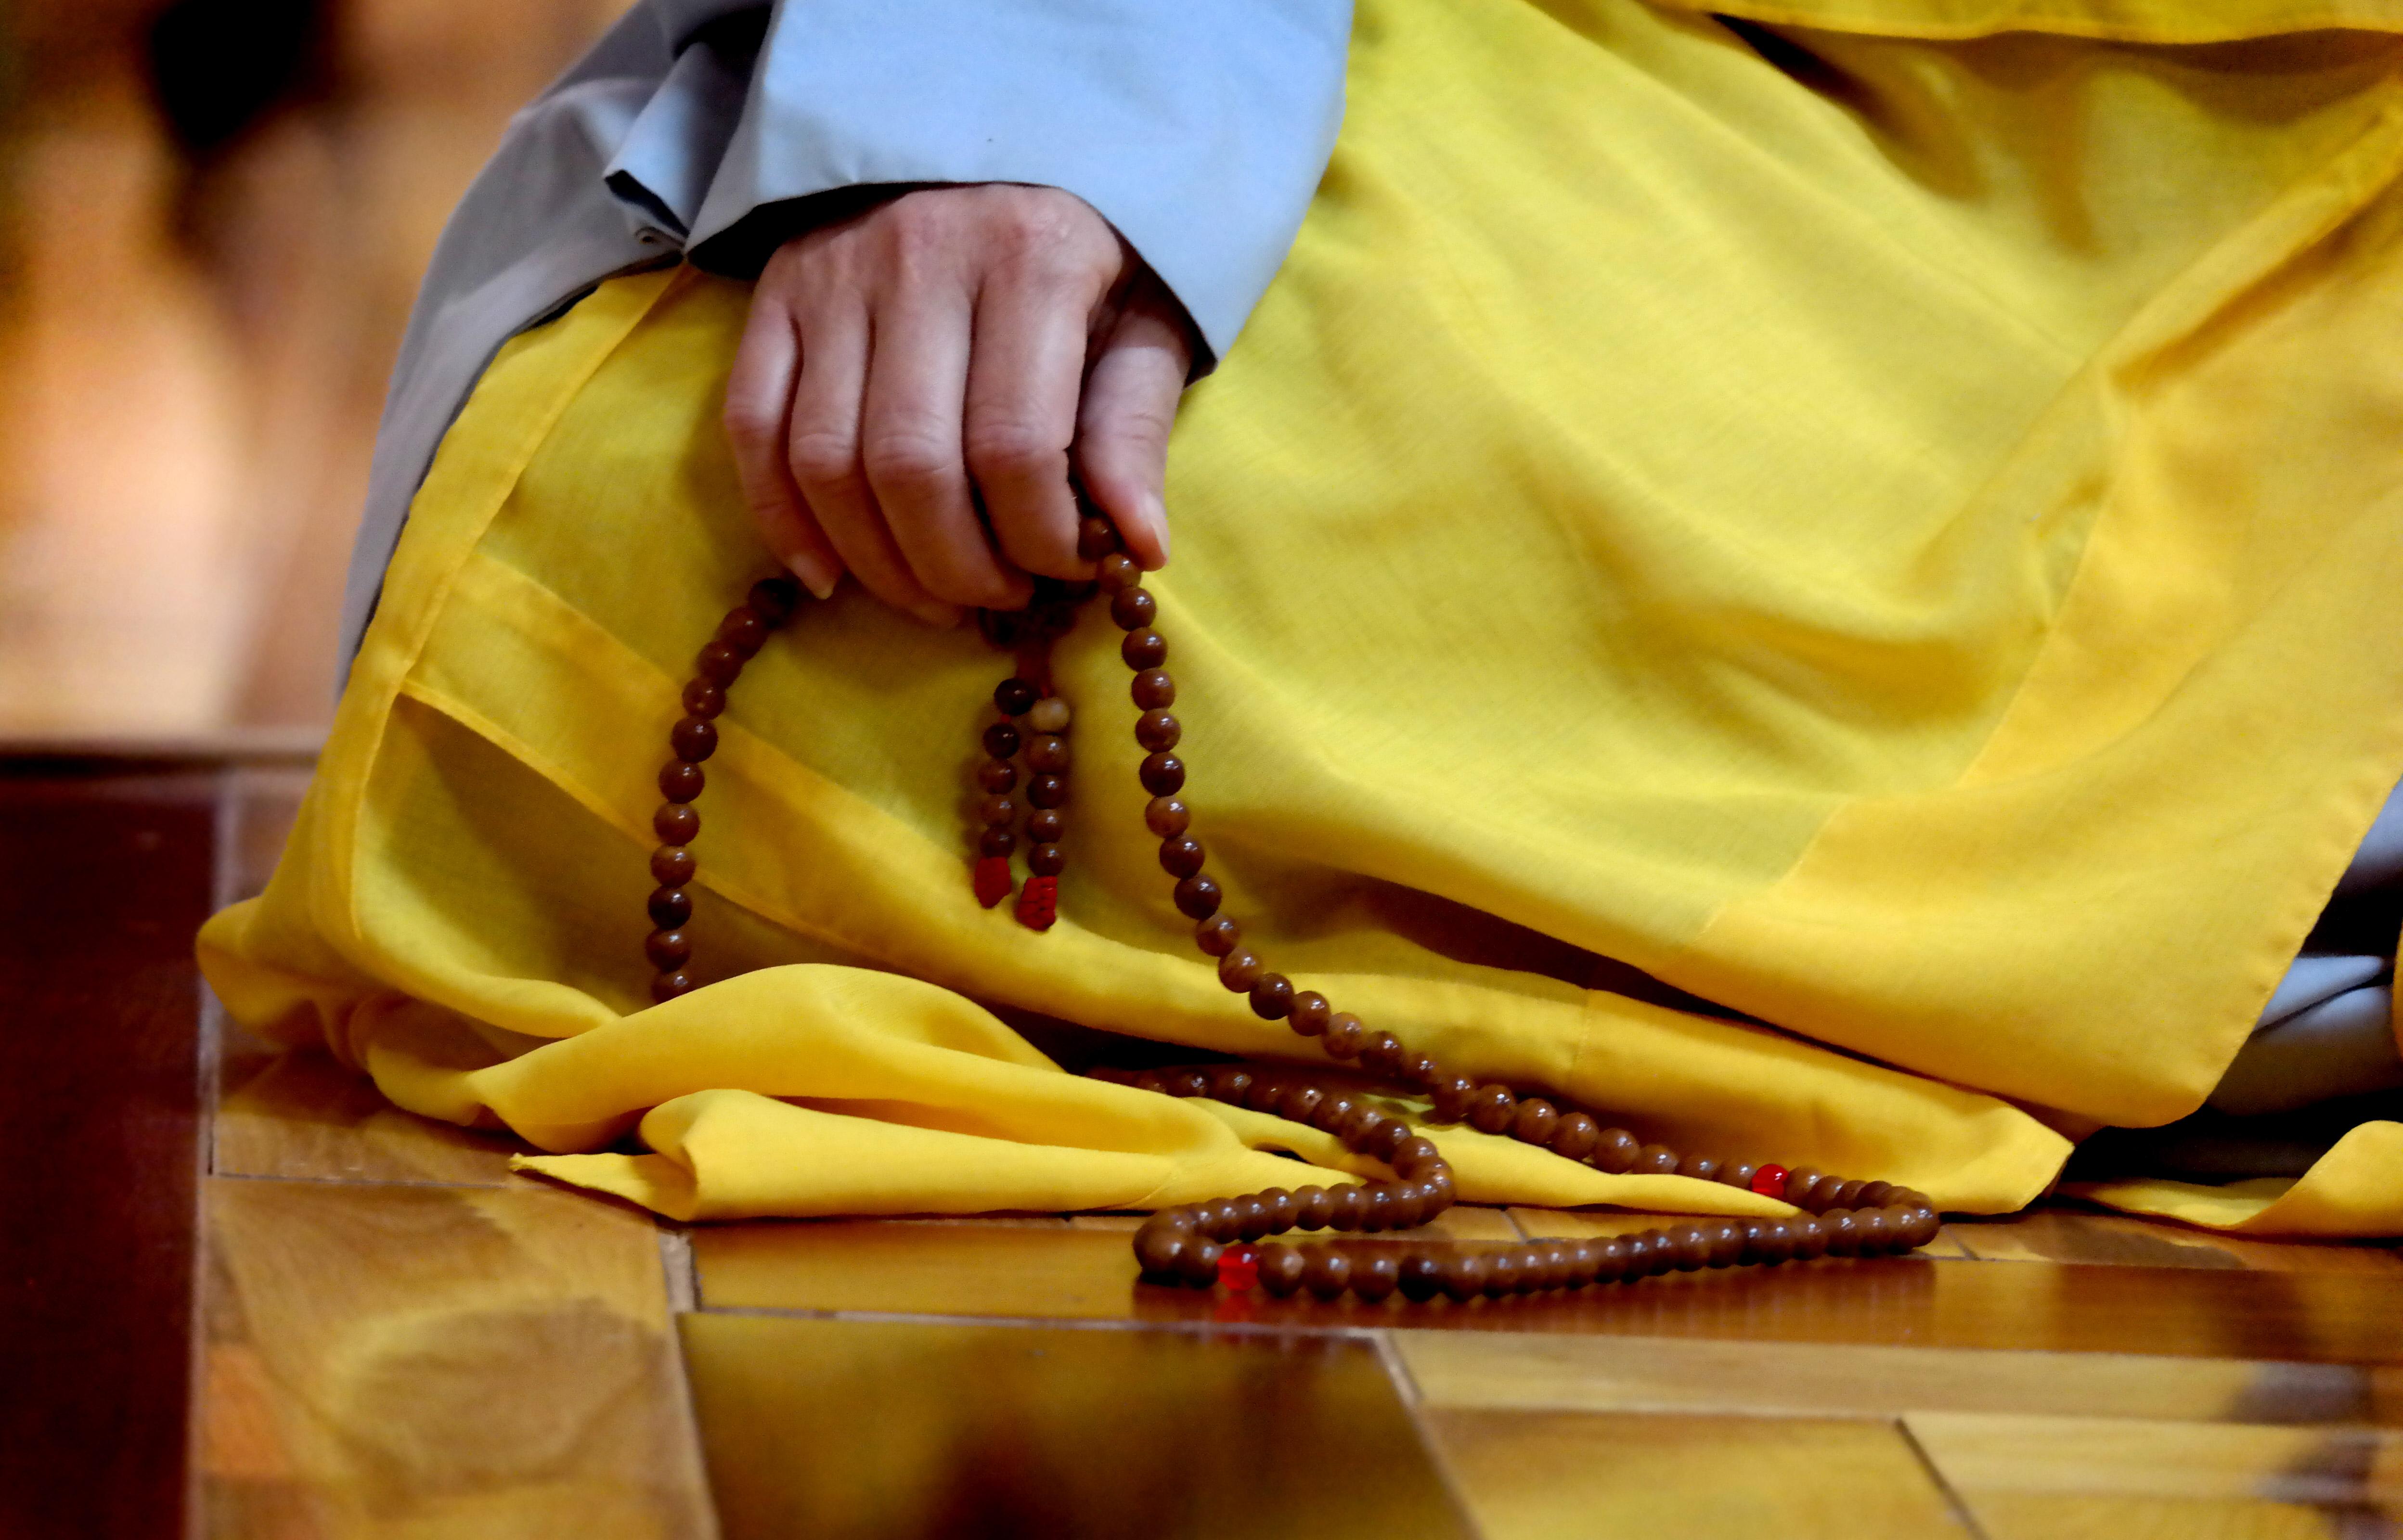 האנושות מחפשת רוחניות